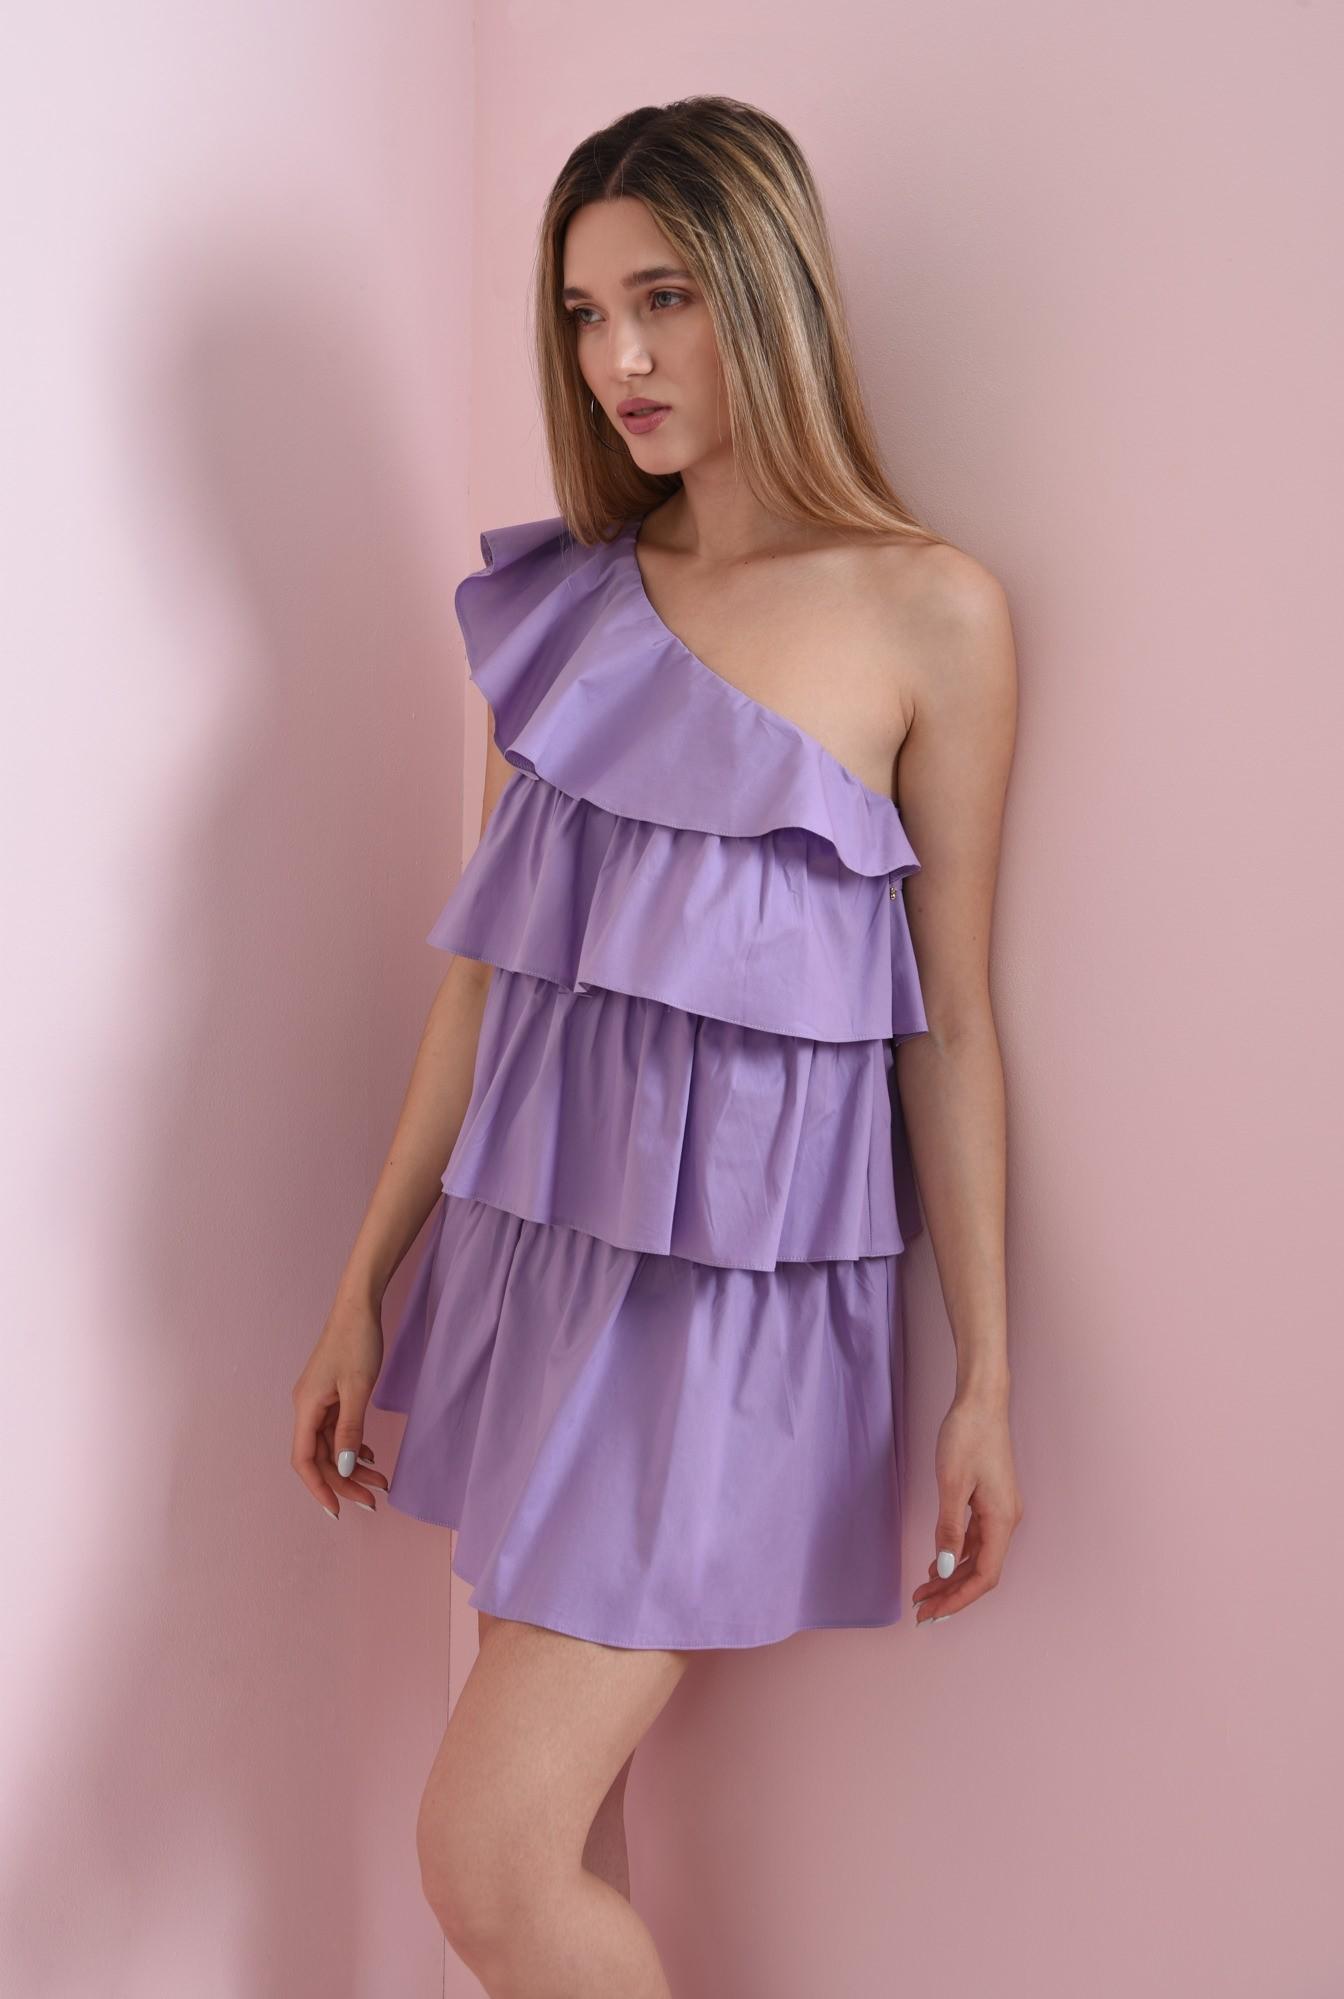 2 - rochie scurta, lila, cu volane suprapuse